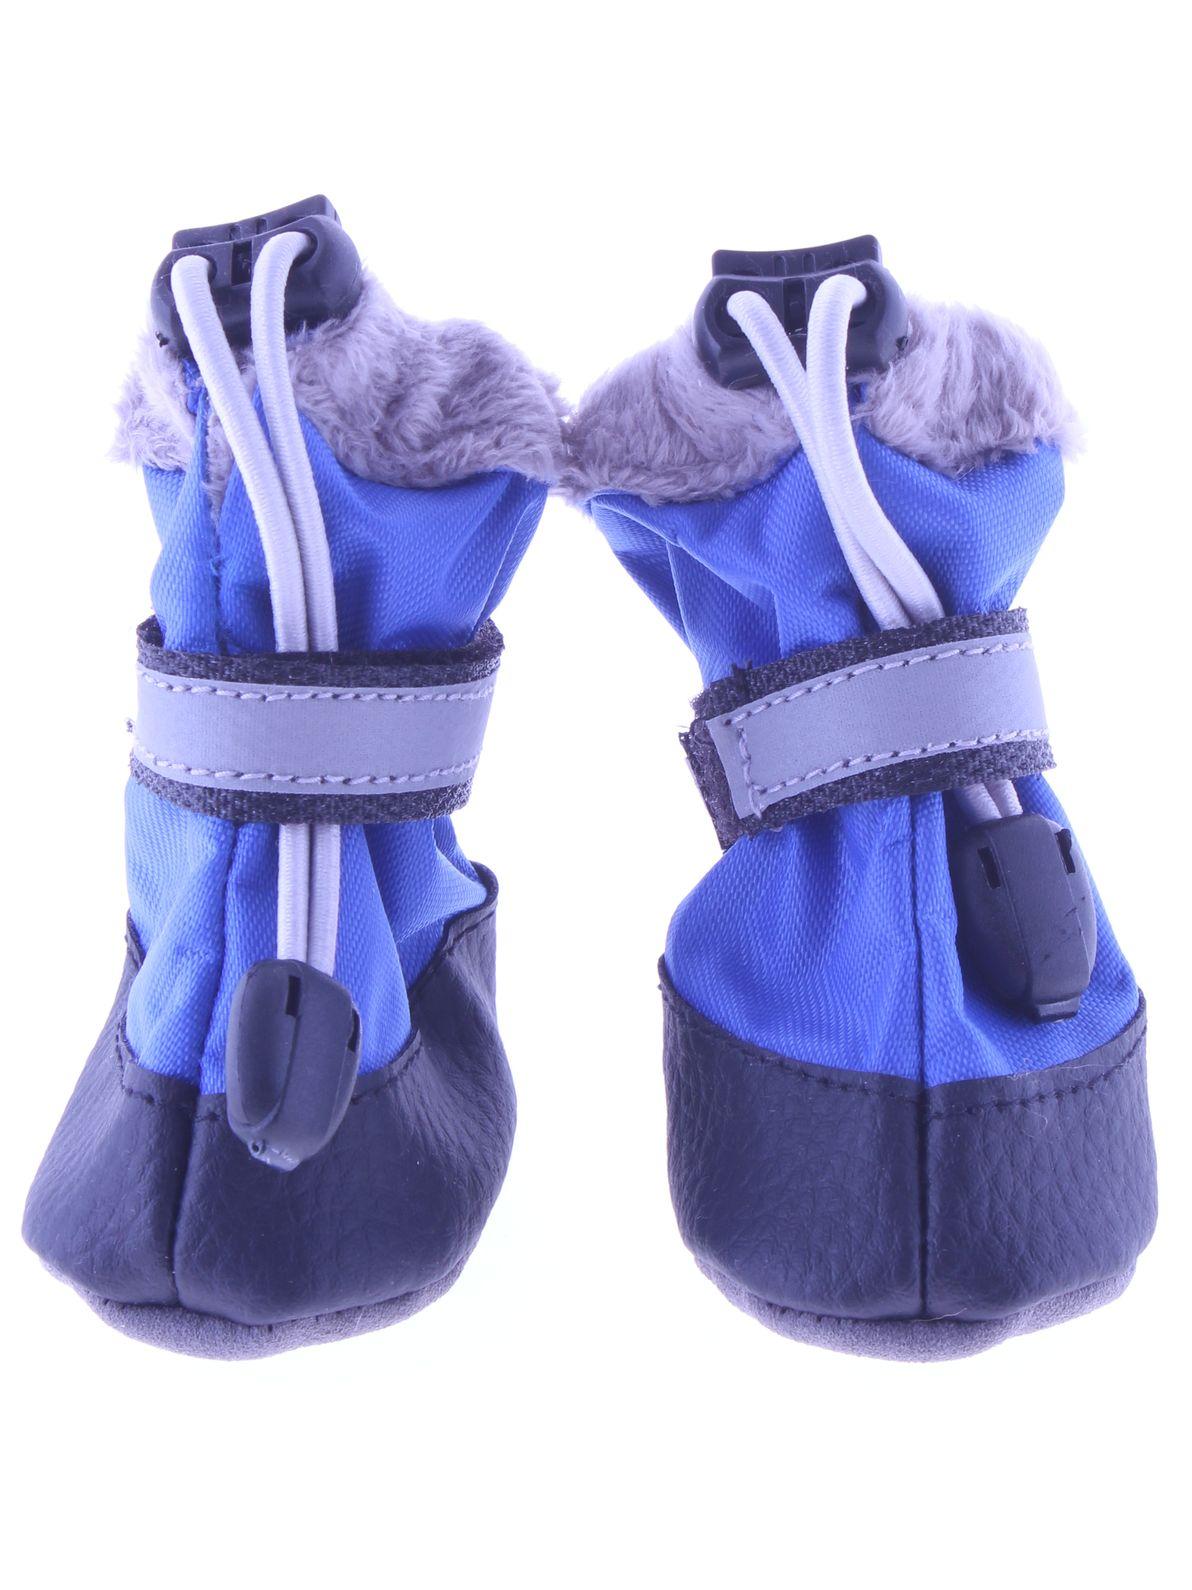 Фото - Обувь для животных ЗООМАНИЯ 7426936750278 interight пара обувь повседневная обувь плоская обувь вождение обувь горох обувь серый 235 метров